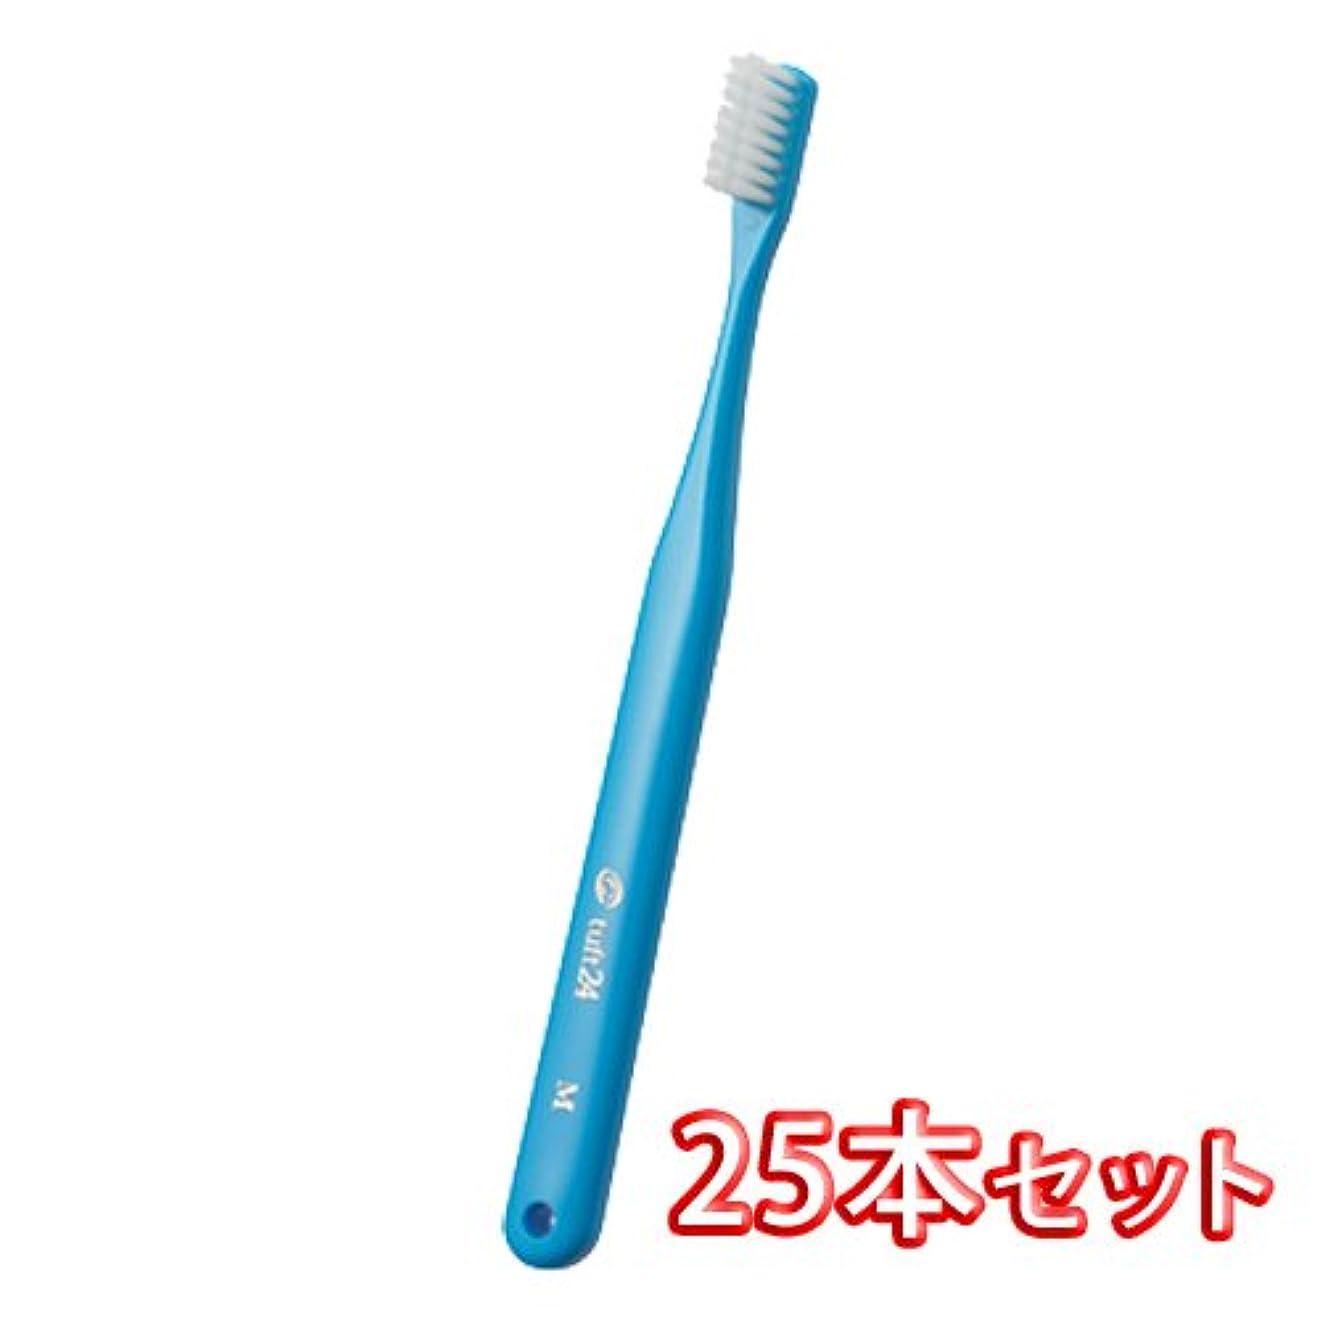 オーラルケア キャップ付き タフト 24 歯ブラシ スーパーソフト 25本 (ブルー)